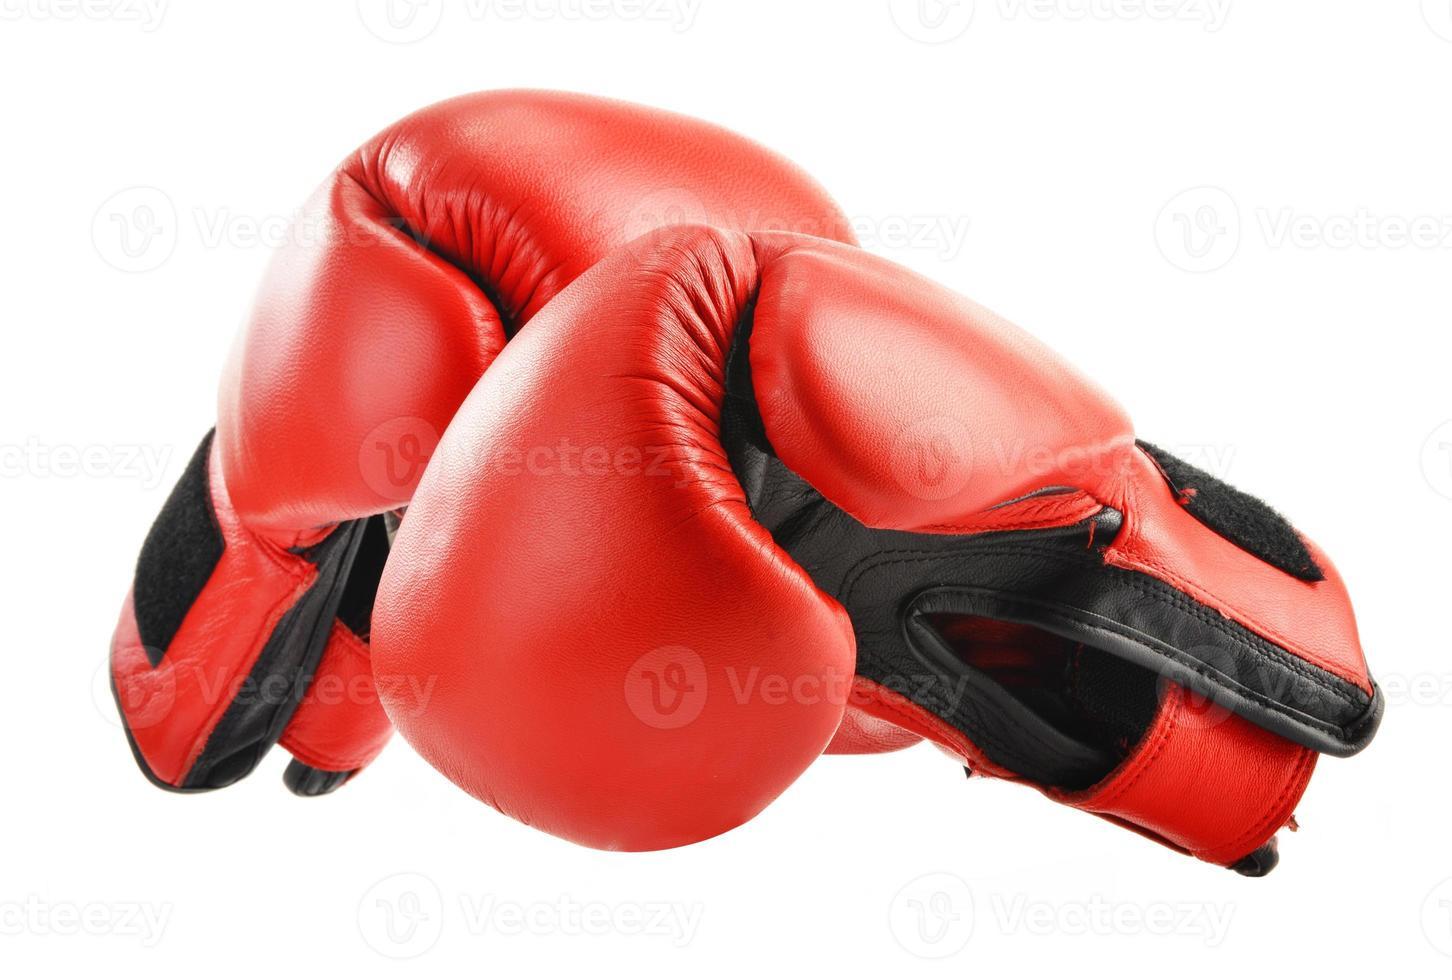 paire de gants de boxe en cuir rouge isolated on white photo